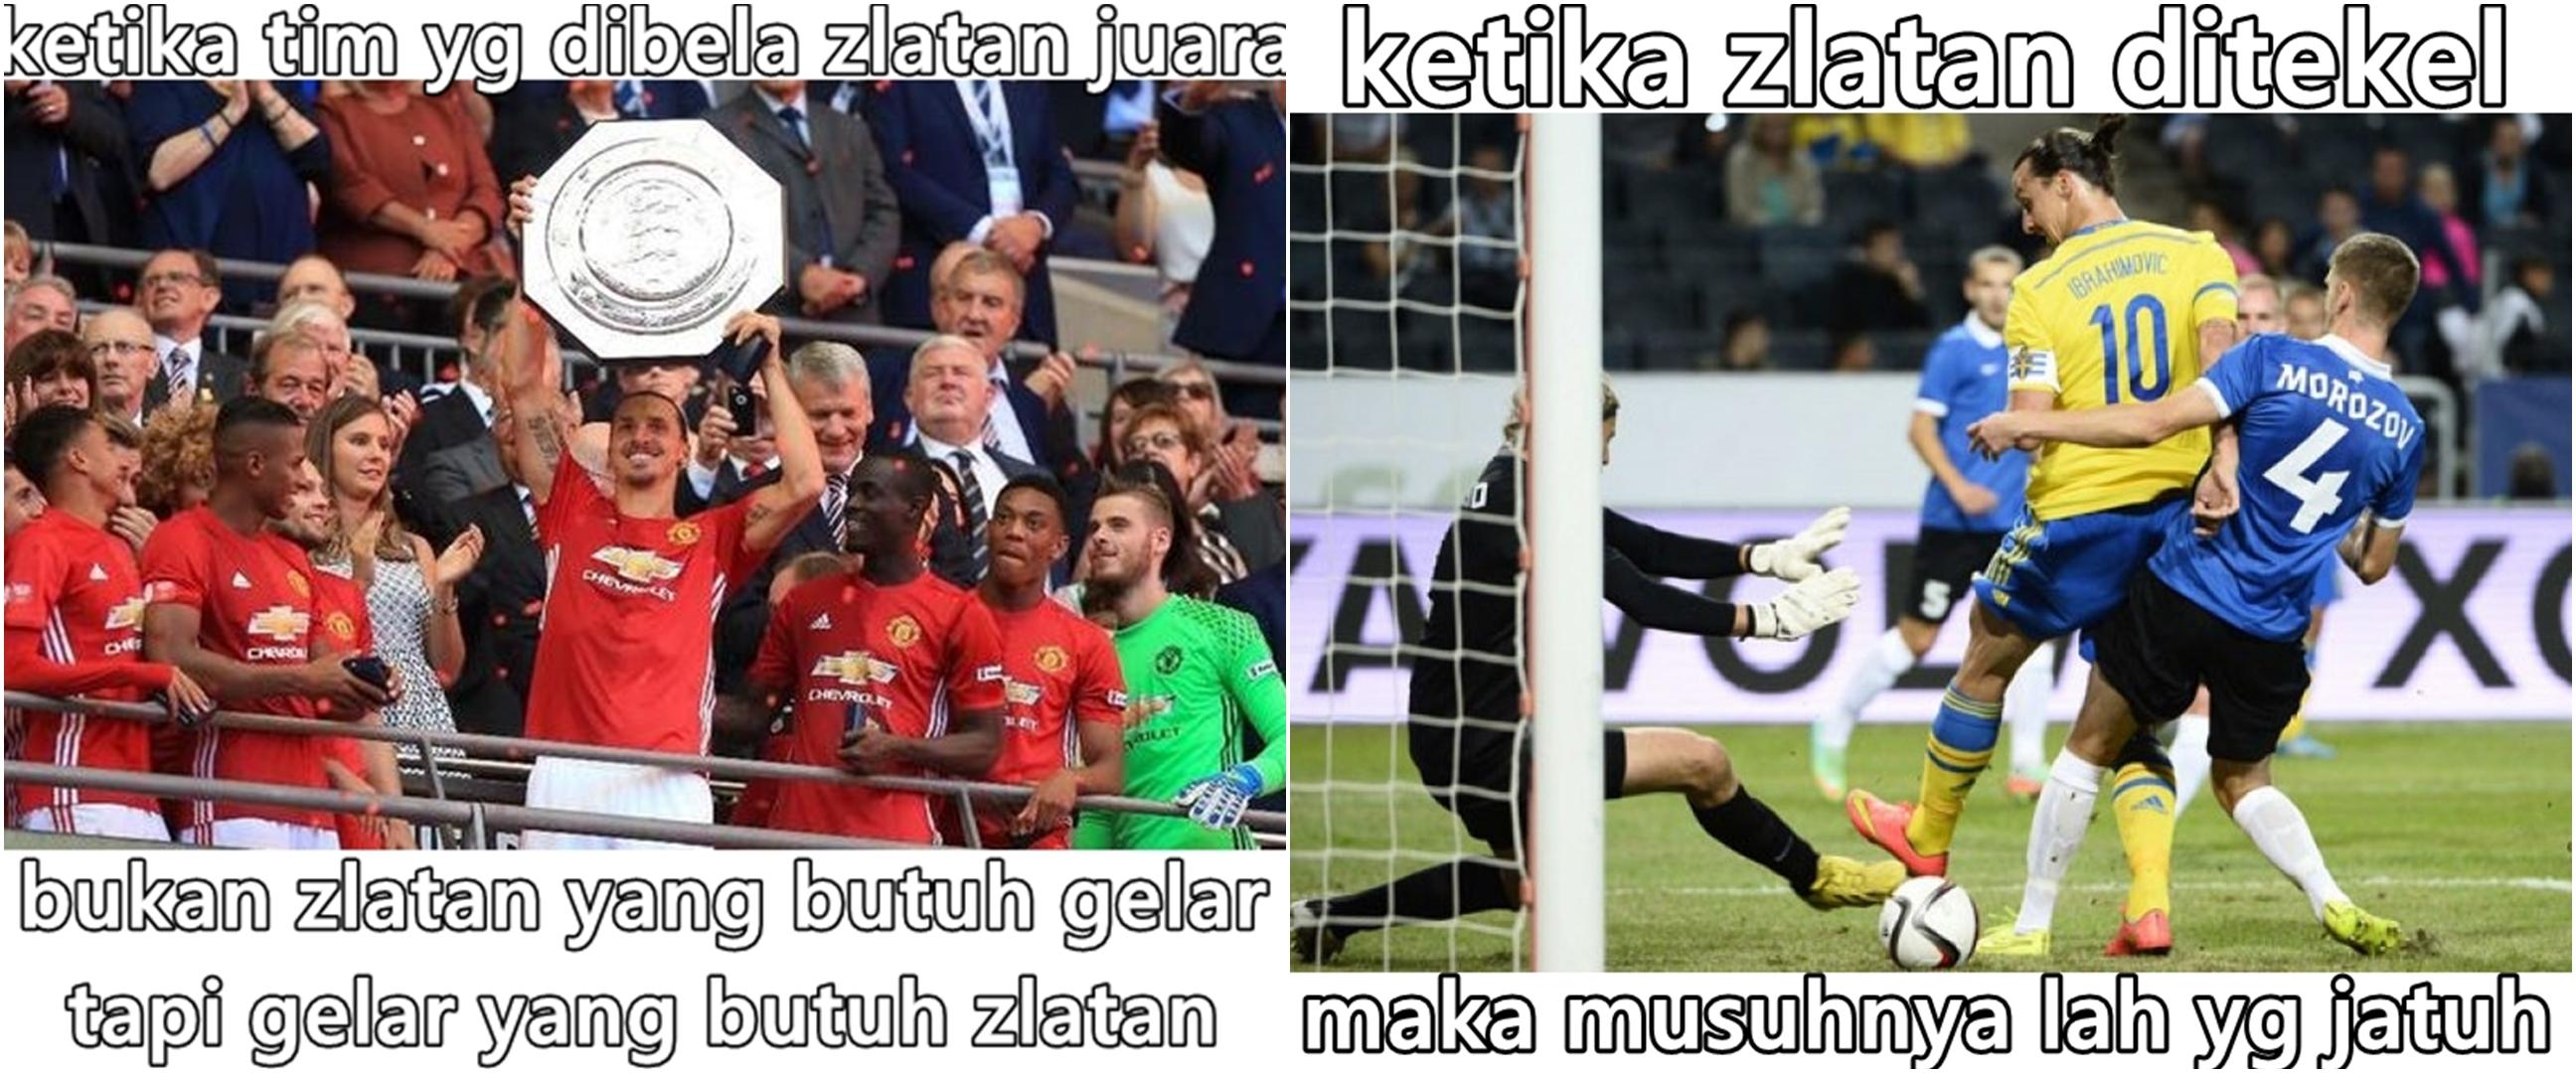 10 Meme kocak Zlatan Ibrahimovic ala warganet, bikin geleng kepala